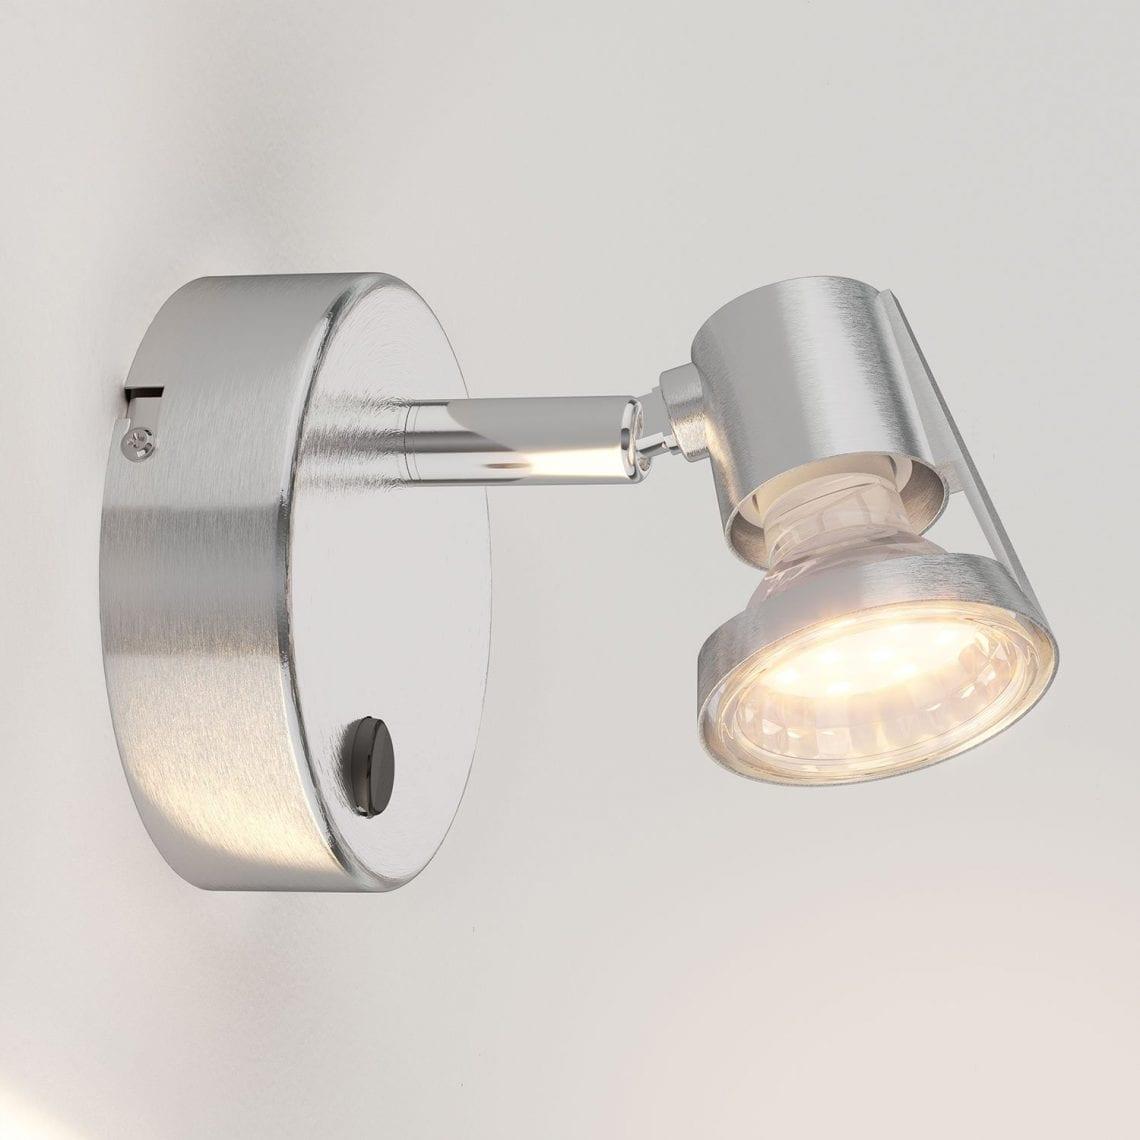 Eclairage Sous Meuble Cuisine Sans Interrupteur le spot avec interrupteur , comparatif et avis - zone led